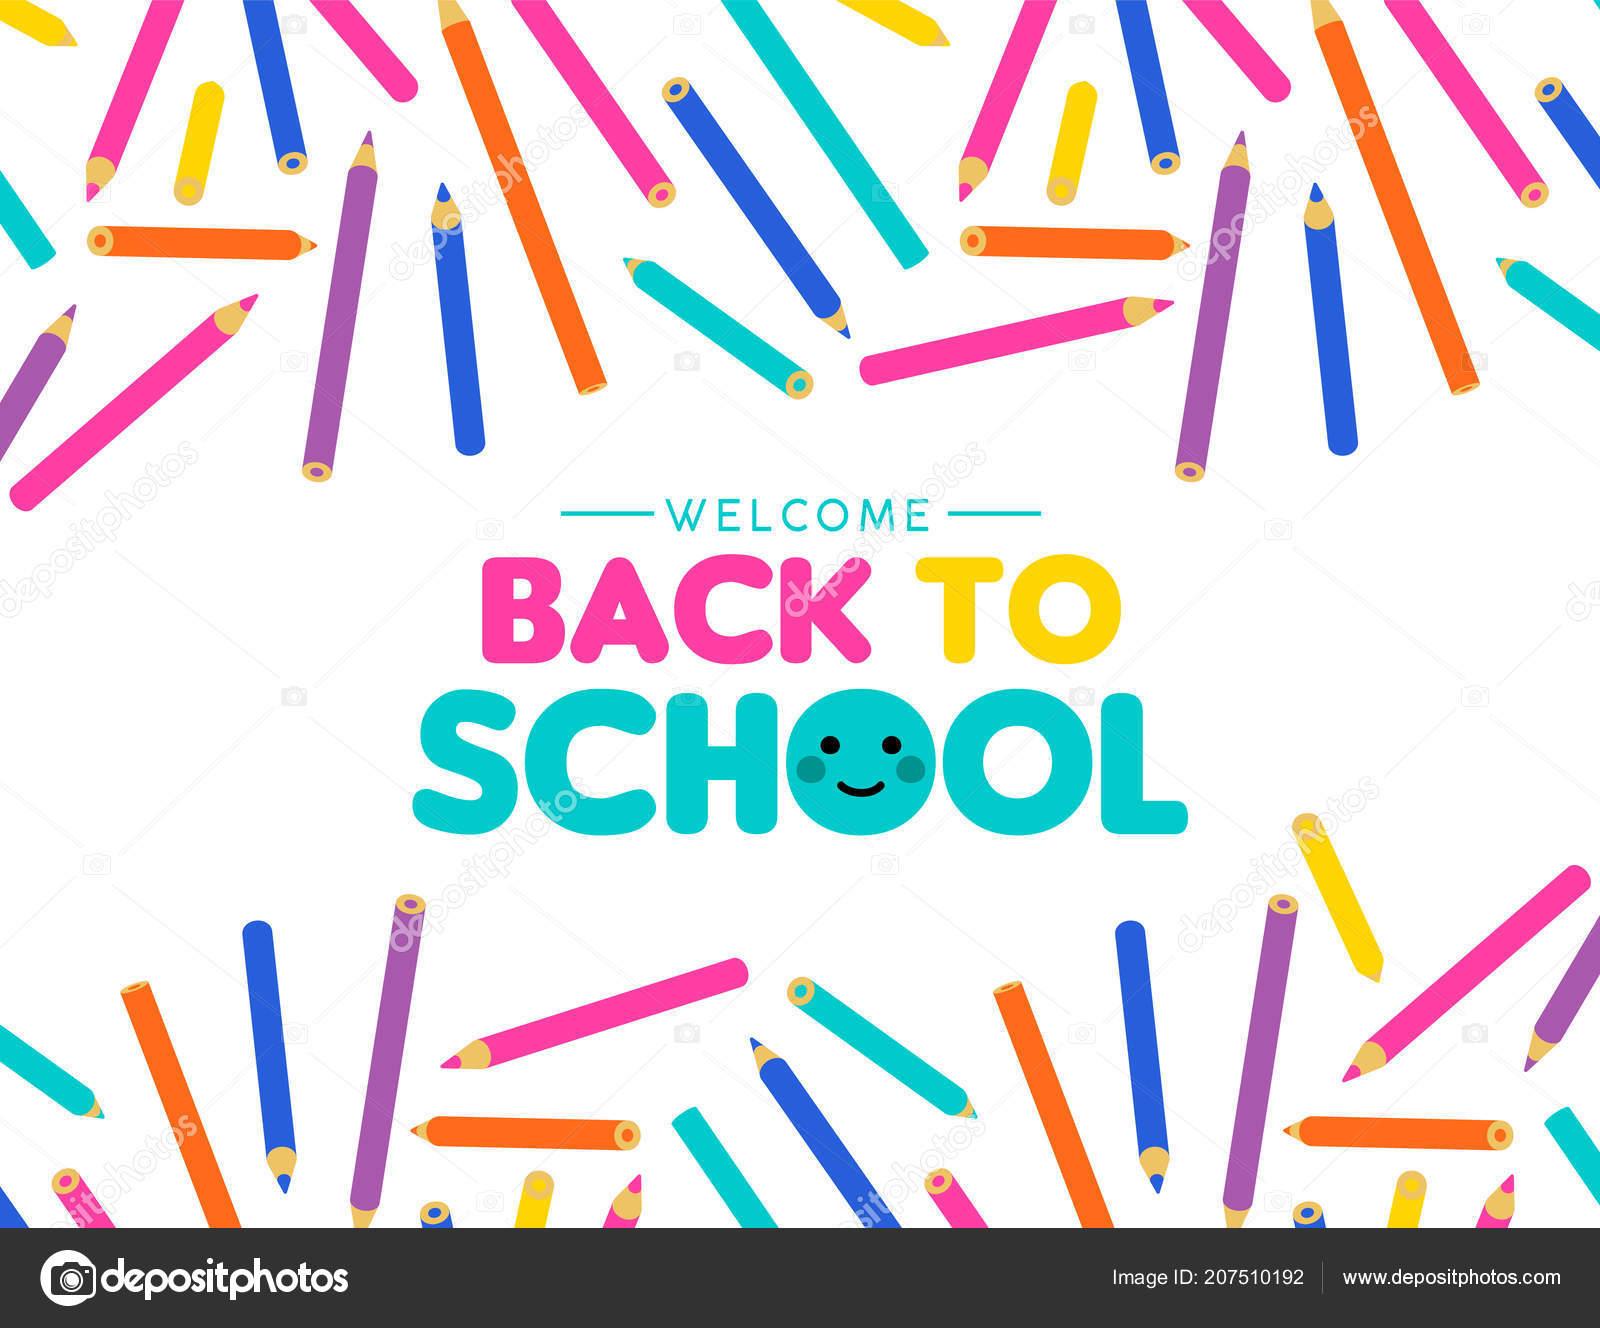 Willkommen Sie Zurück Schule Abbildung Farbenfrohe Kunst